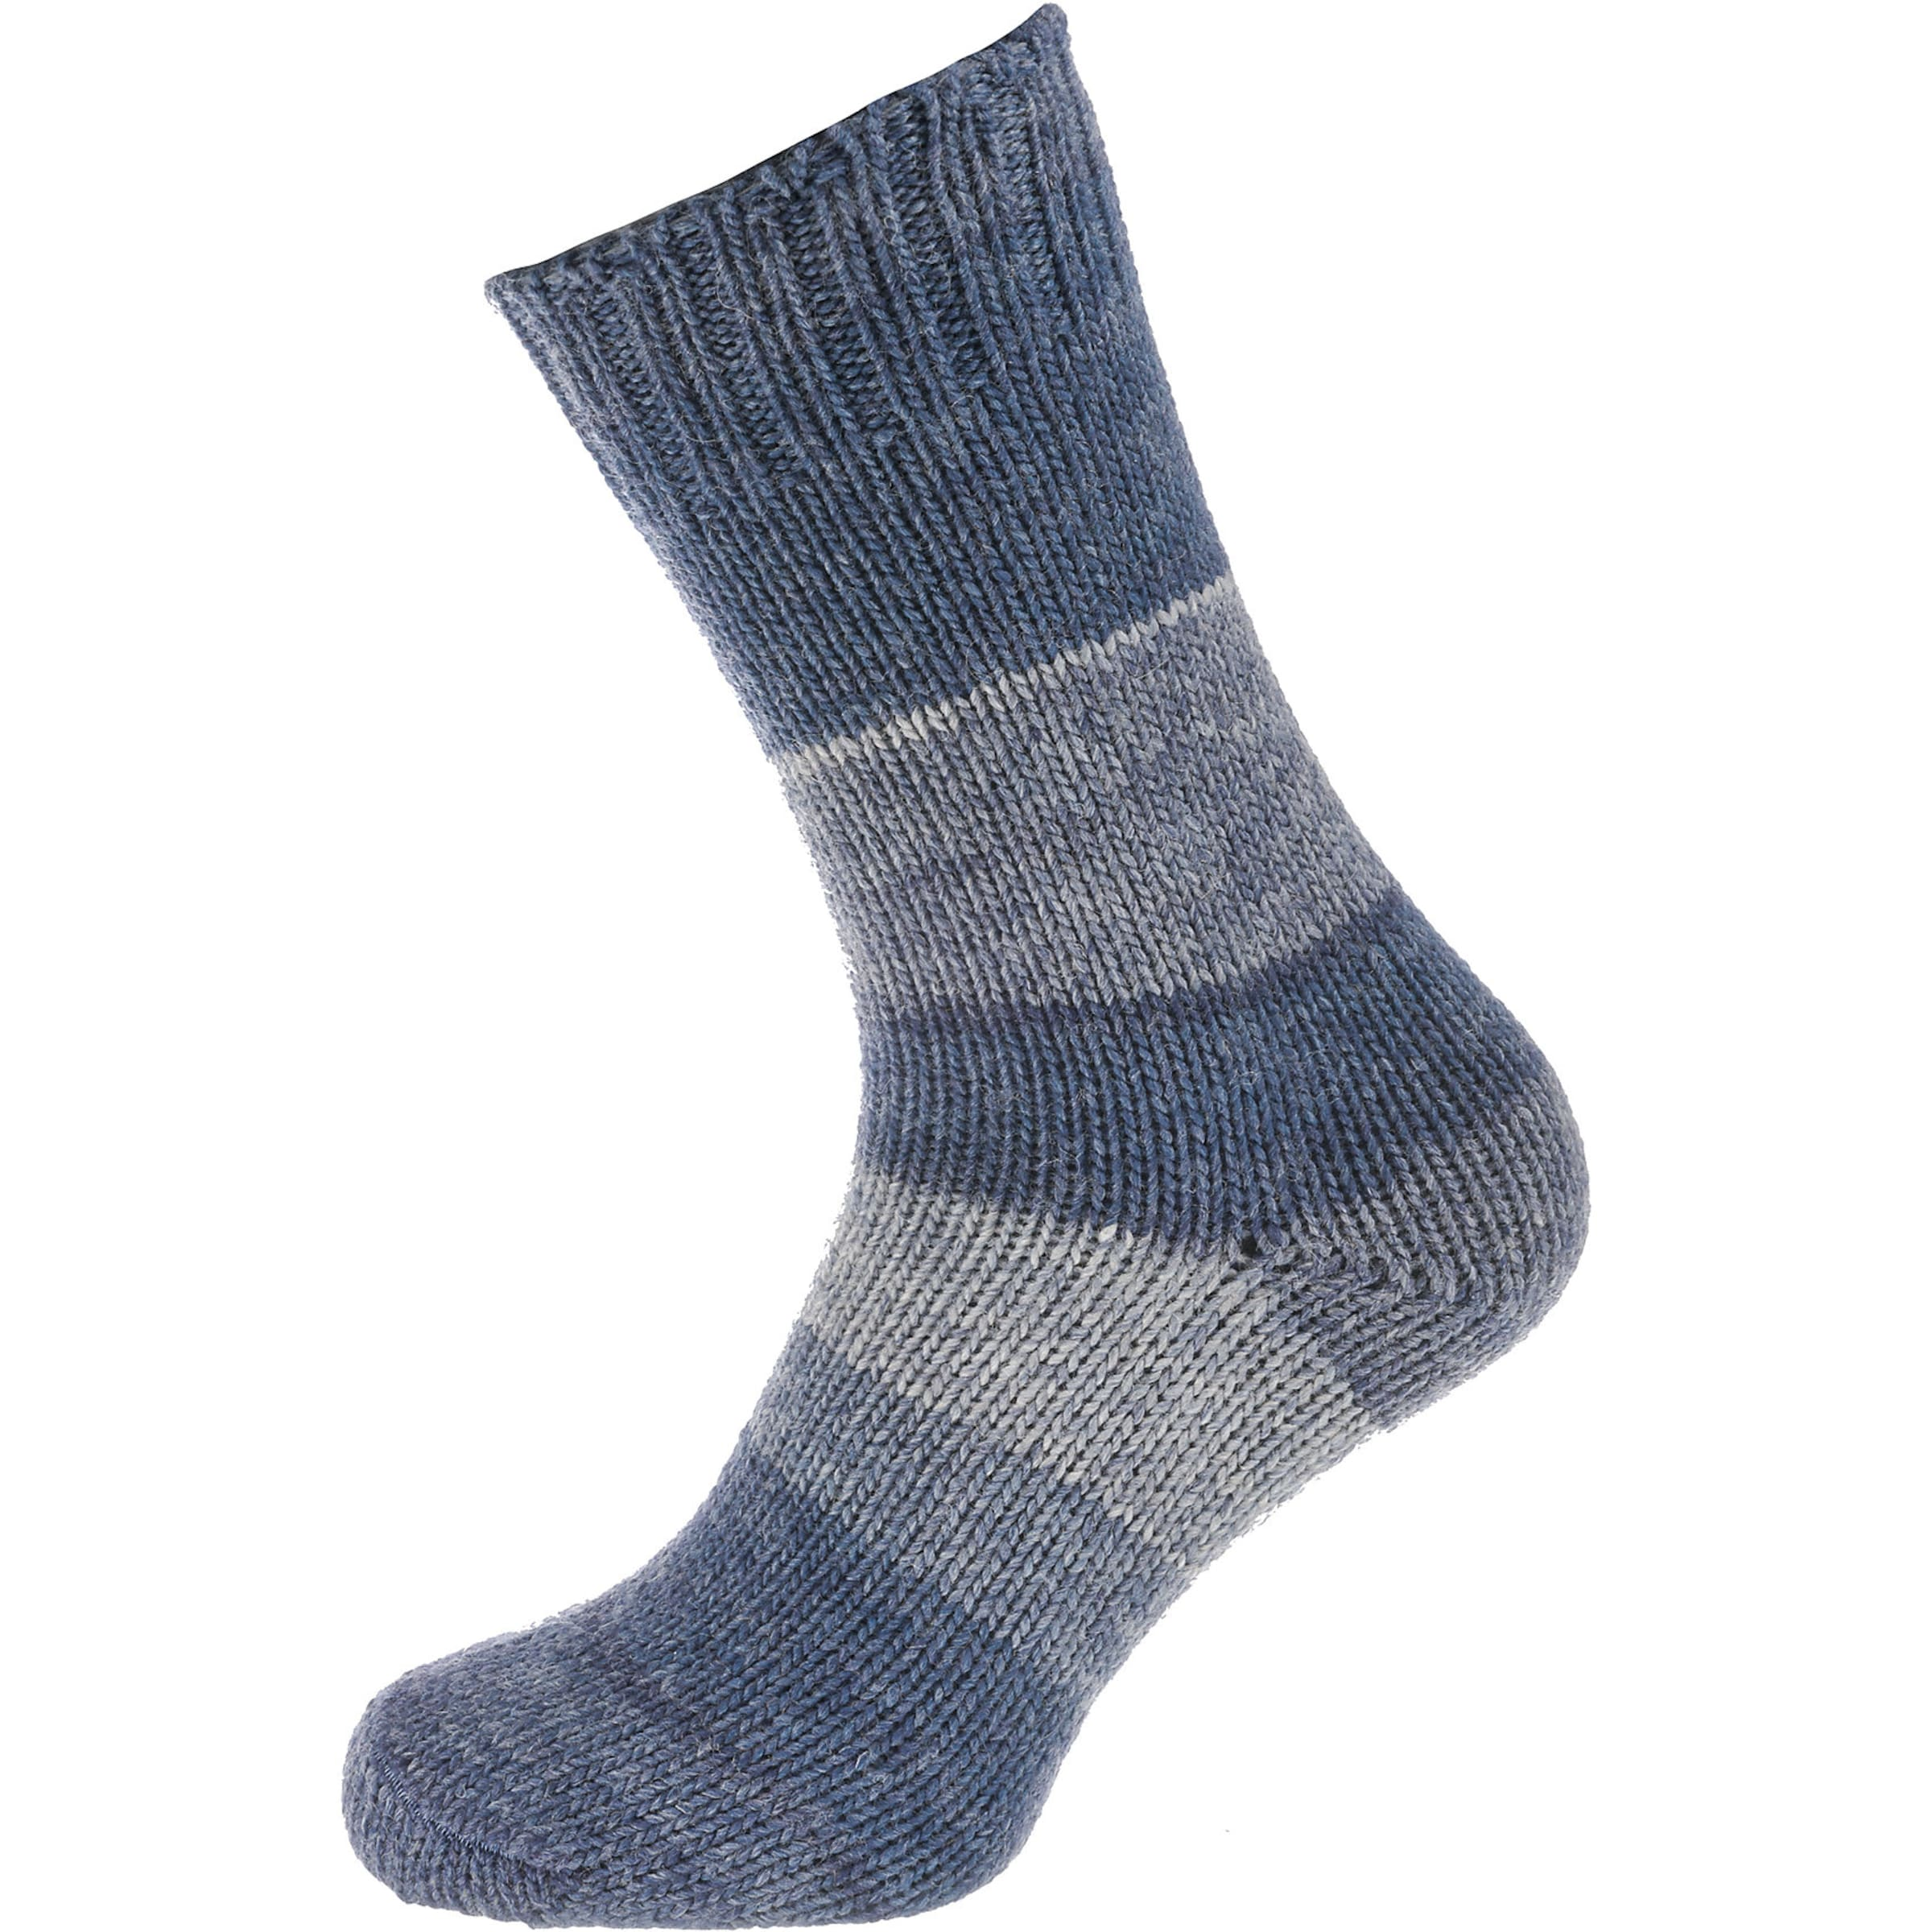 In Blau Socken Socken Blau In Camano In Socken Blau Camano Camano Camano Socken yNnv08wmO